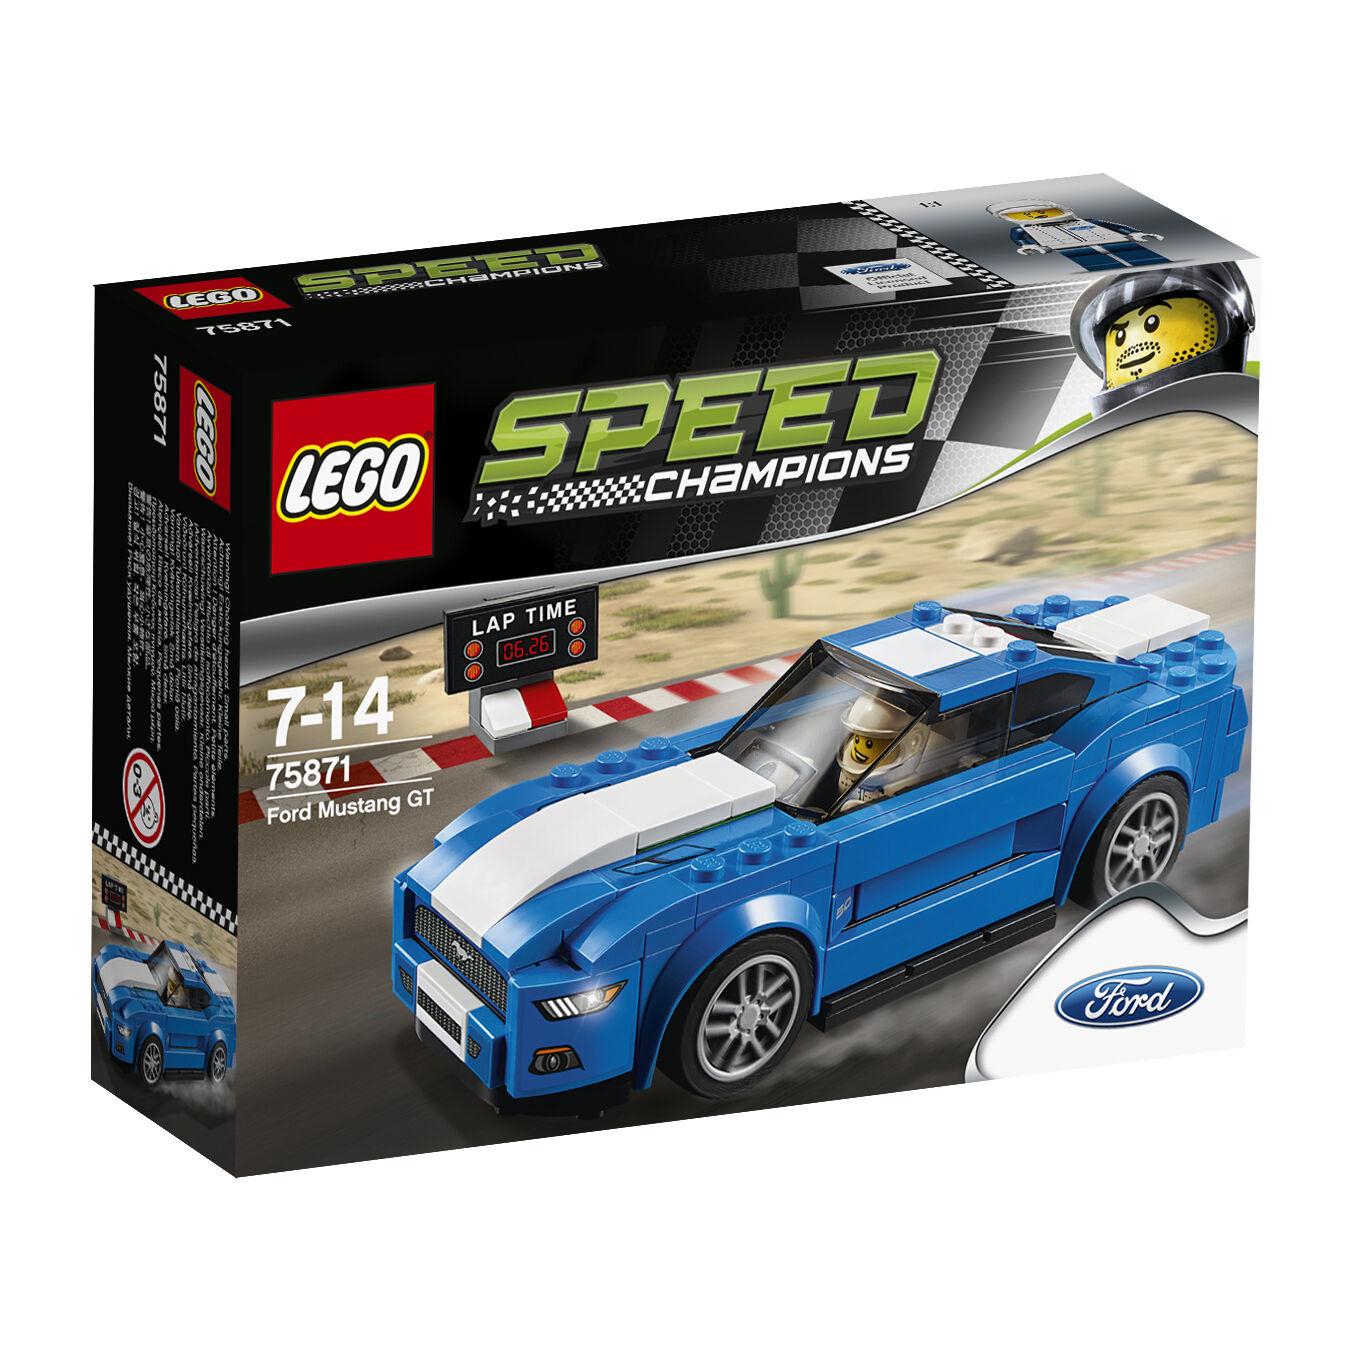 LEGO  ® Speed Champions 75871 FORD MUSTANG GT Nouveau neuf dans sa boîte nouveau En parfait état, dans sa boîte scellée Boîte d'origine jamais ouverte  magasiner en ligne aujourd'hui